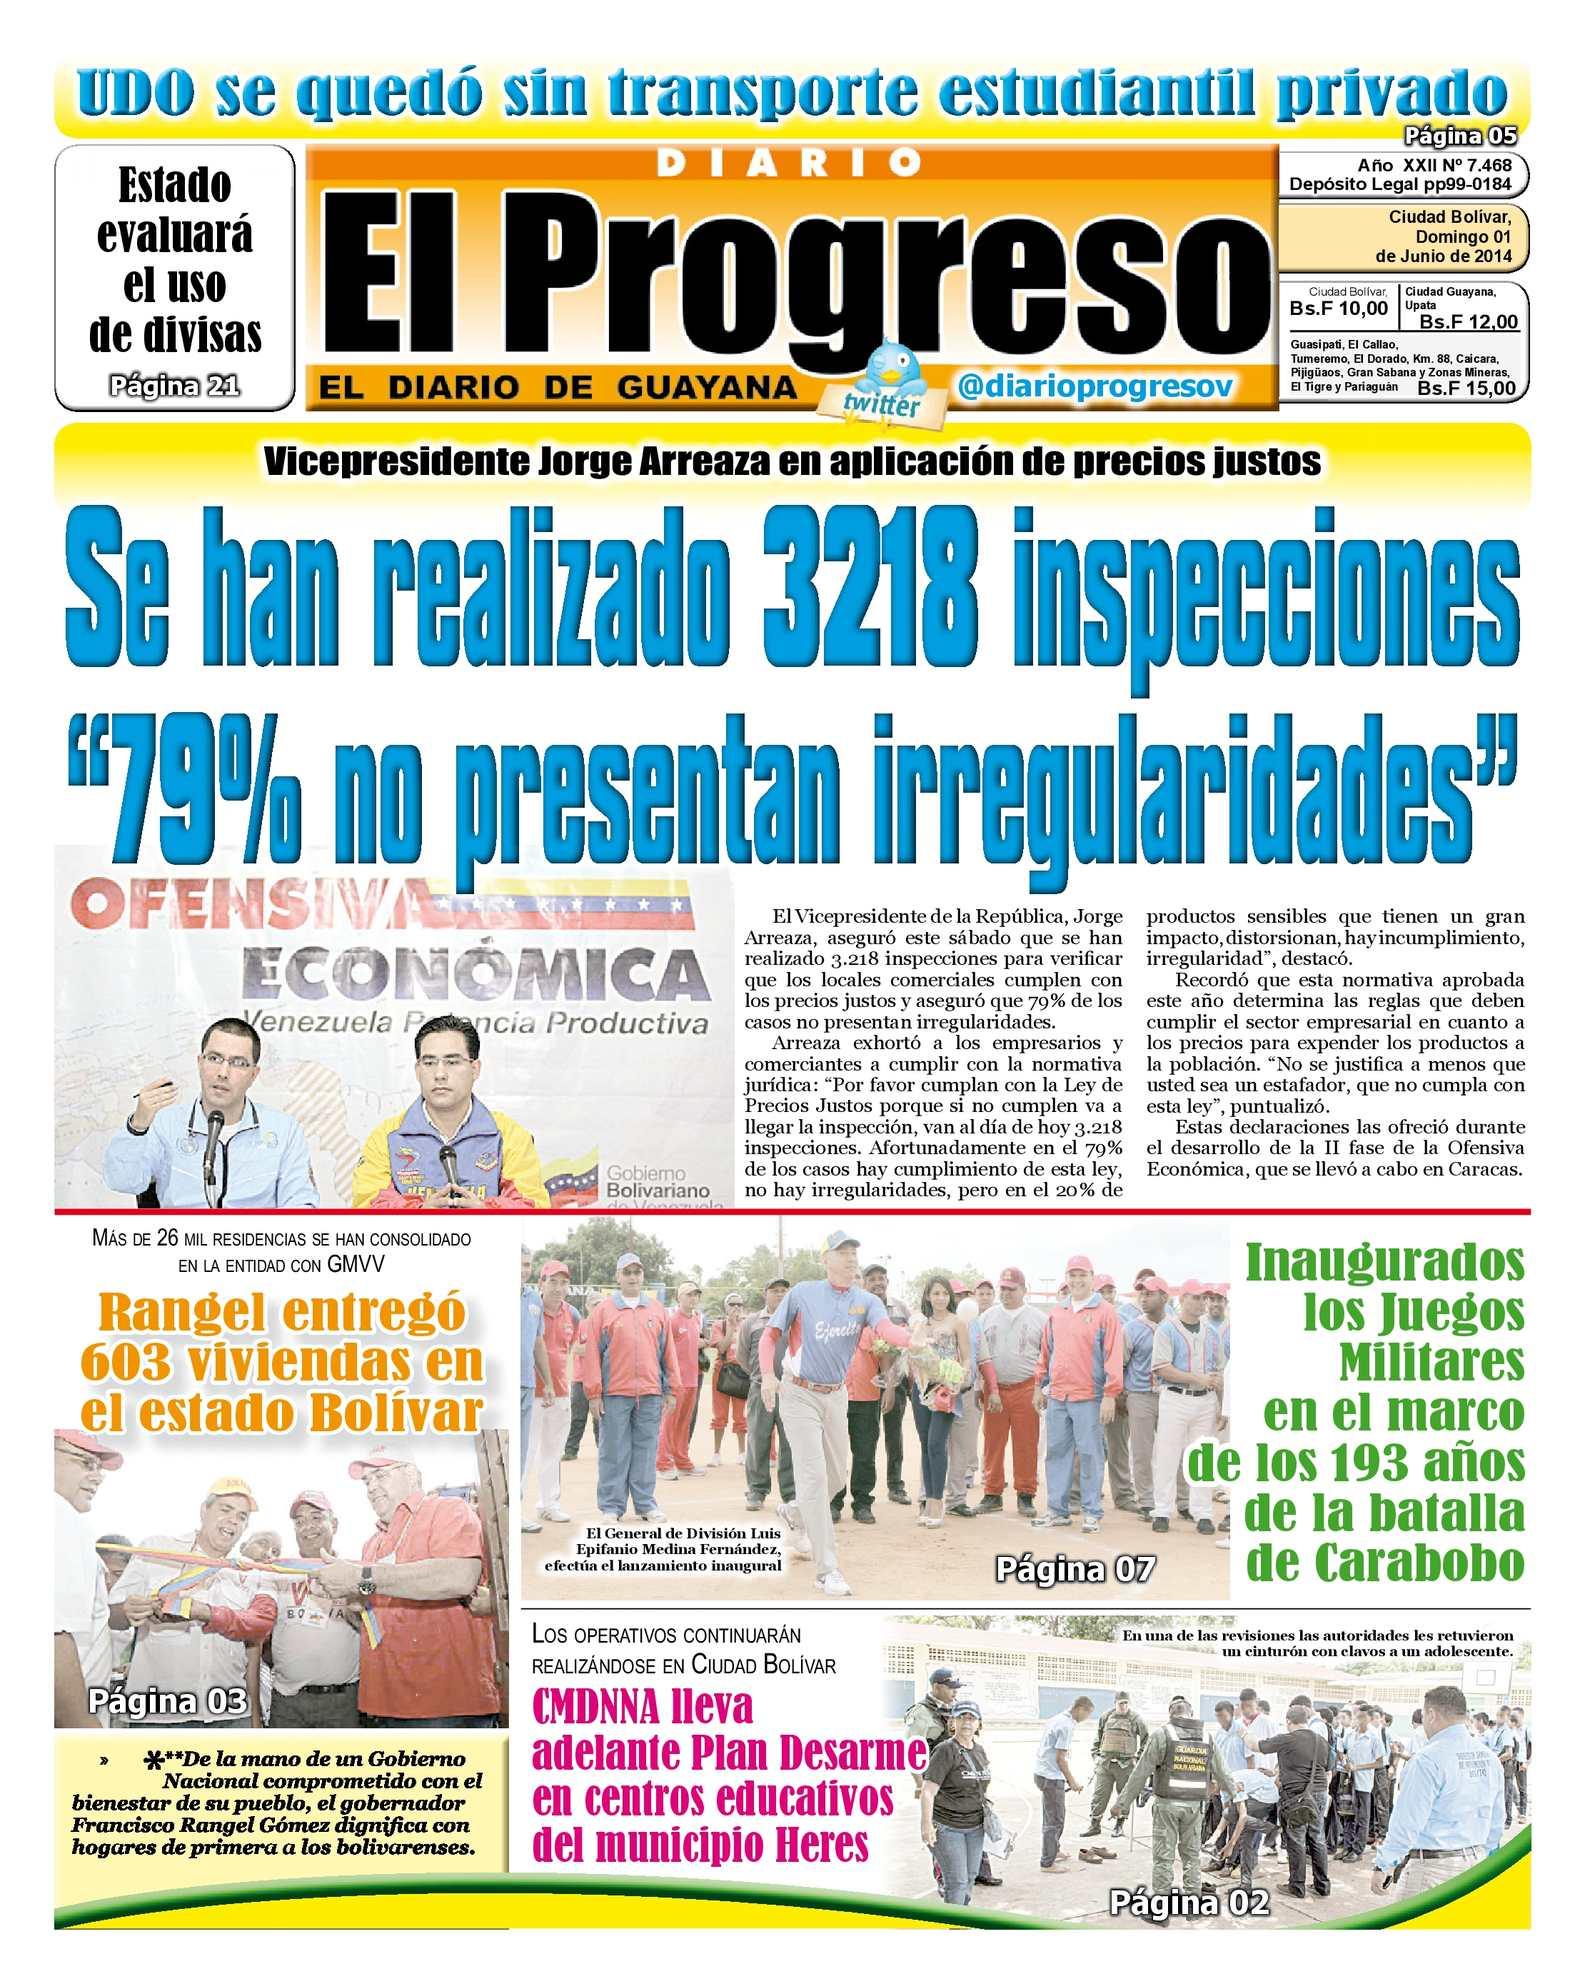 Calaméo - DIARIO EL PROGRESO EDICIÓN DIGITAL 01-06-2014